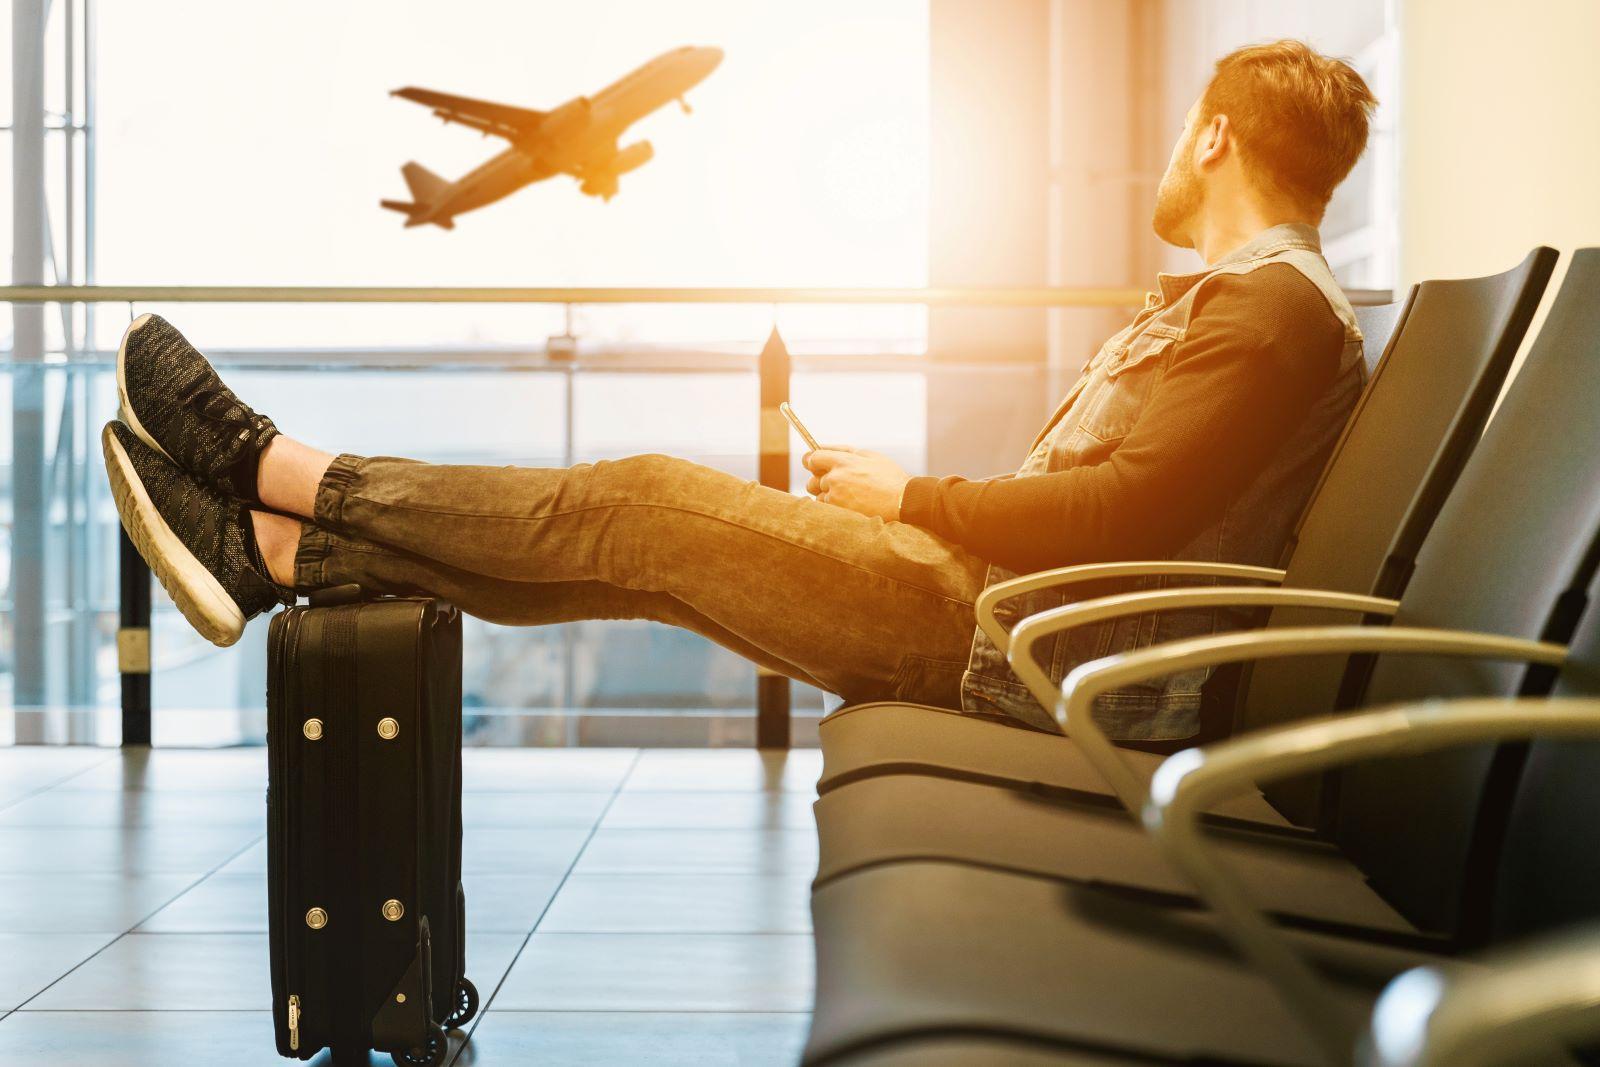 Foto van een reiziger op een luchthaven